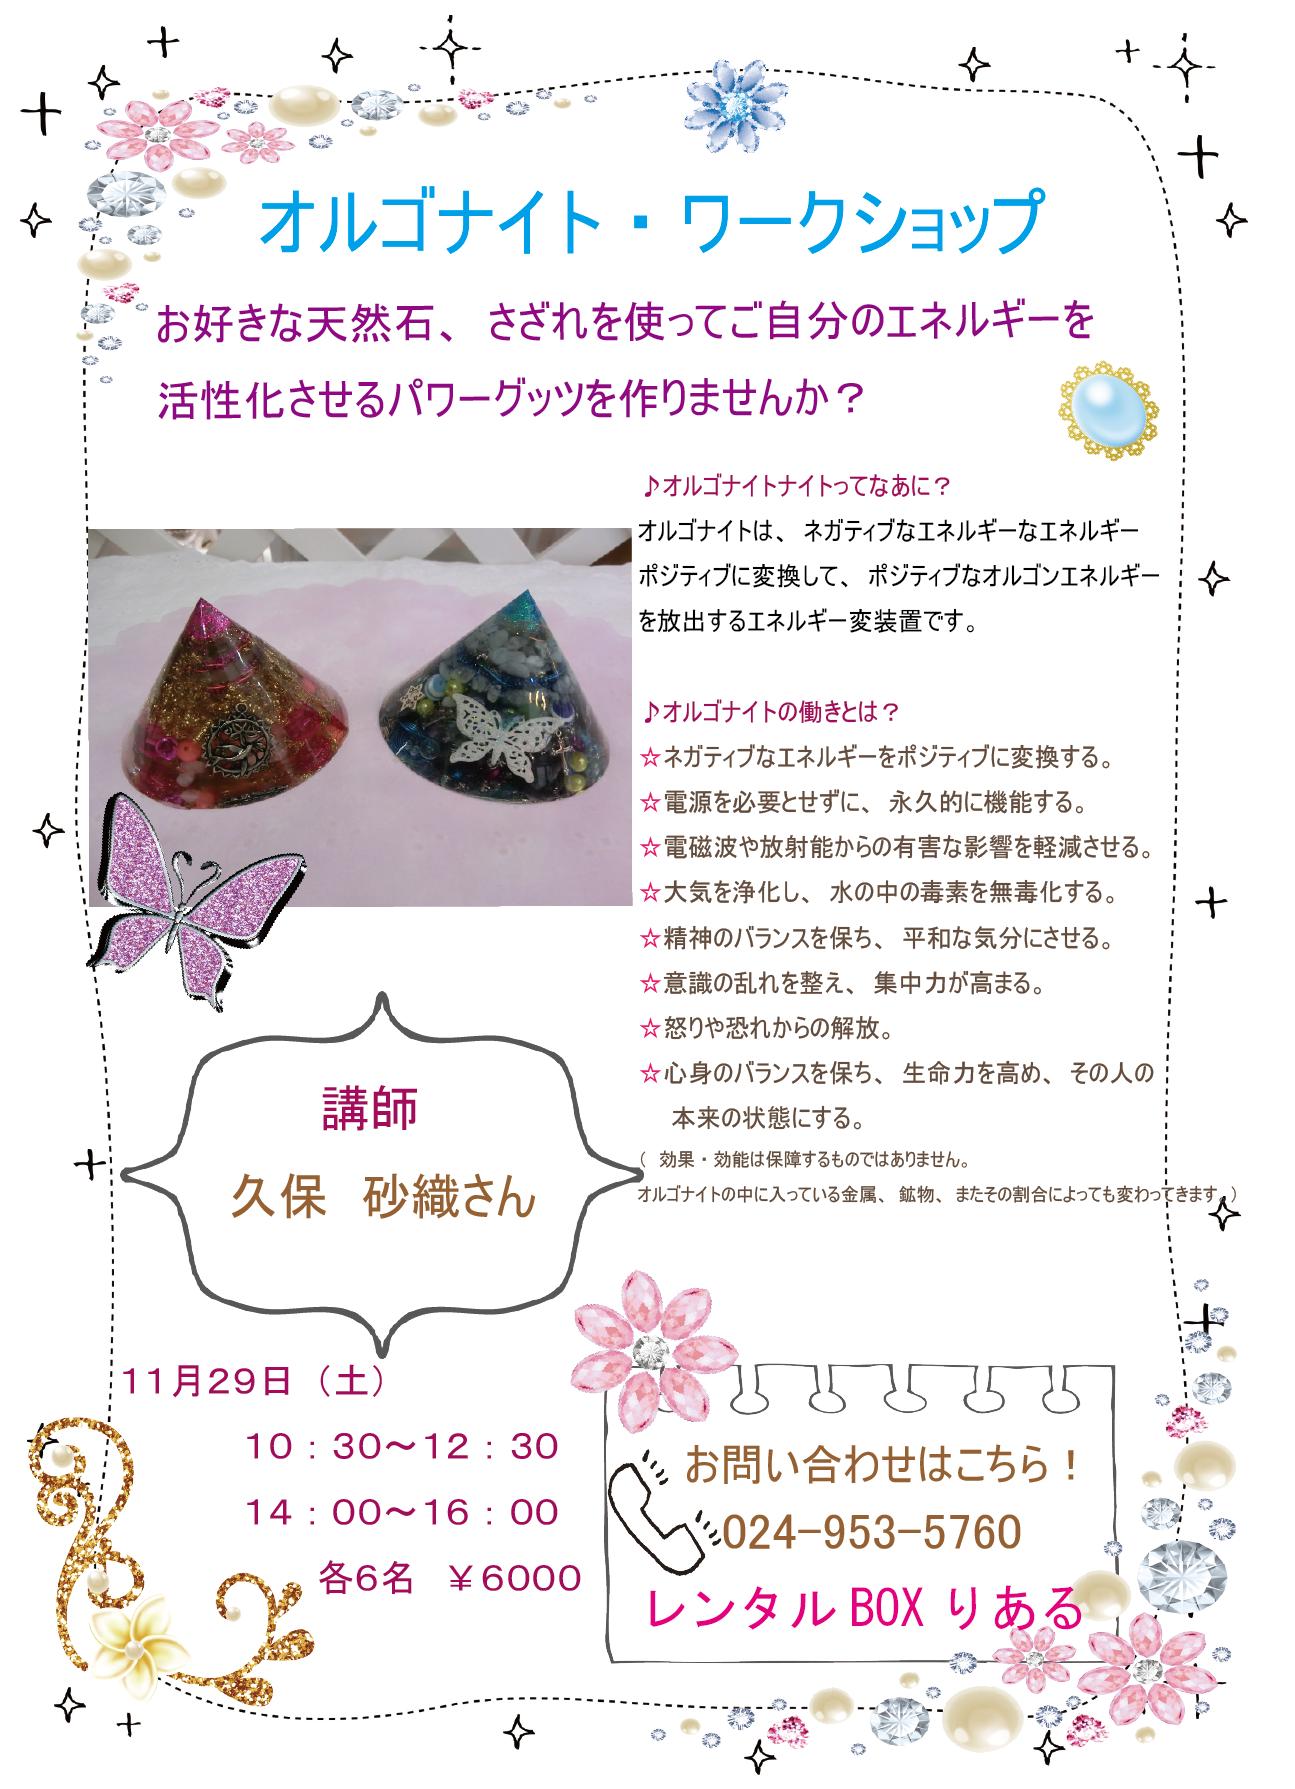 オルゴナイト (2)